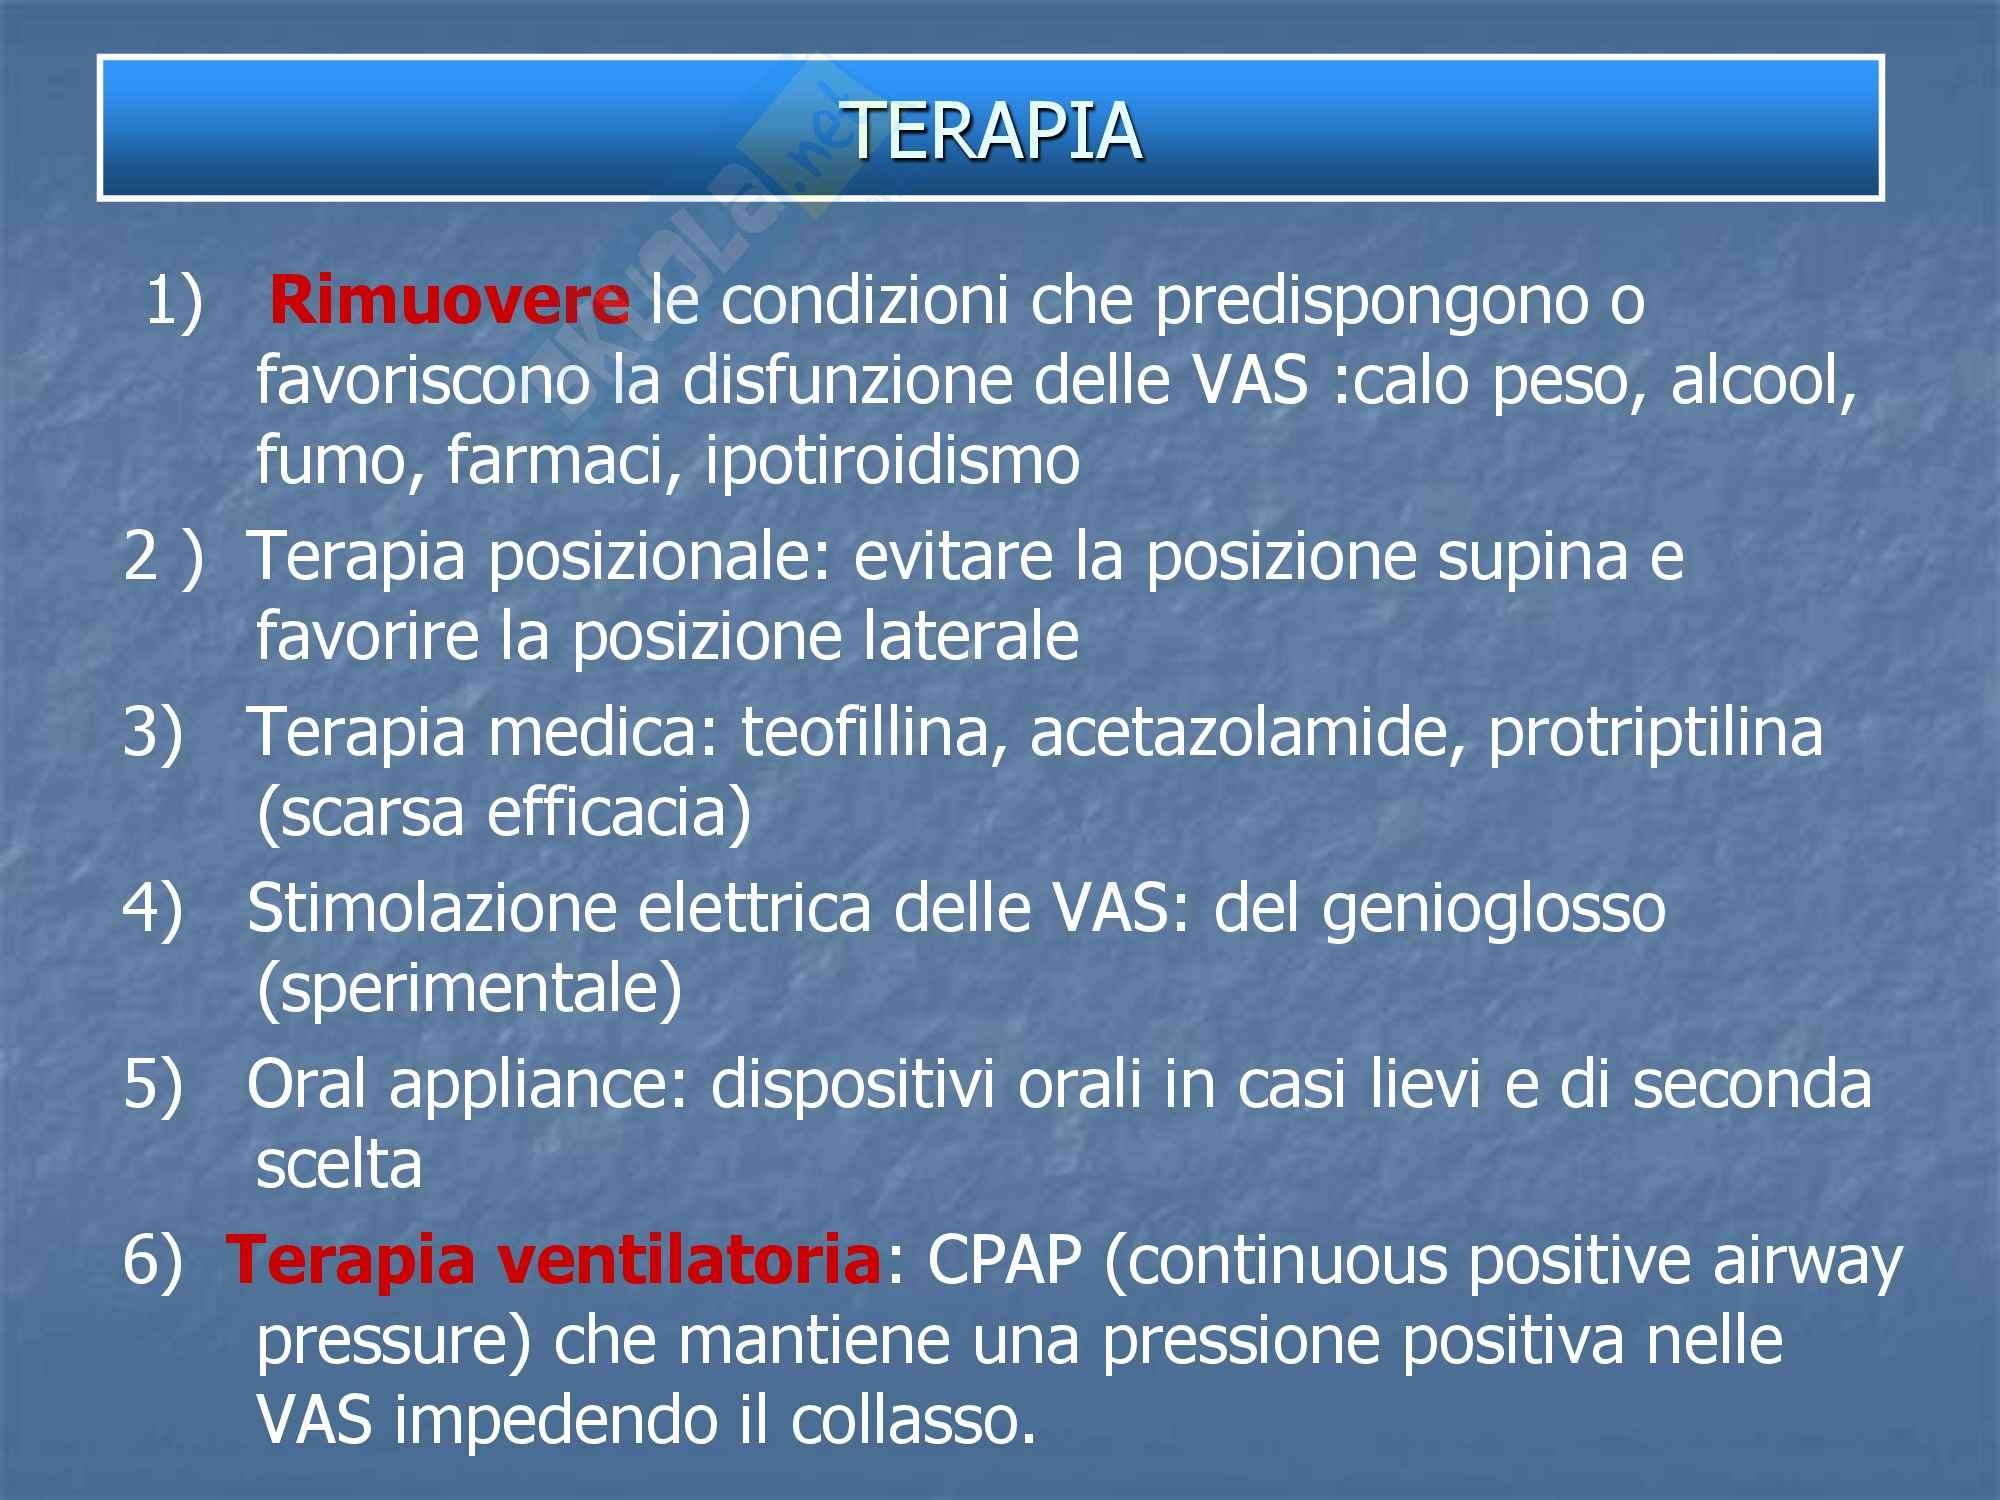 Malattie dell'apparato respiratorio - Disturbi Respiratori SRDB Pag. 16